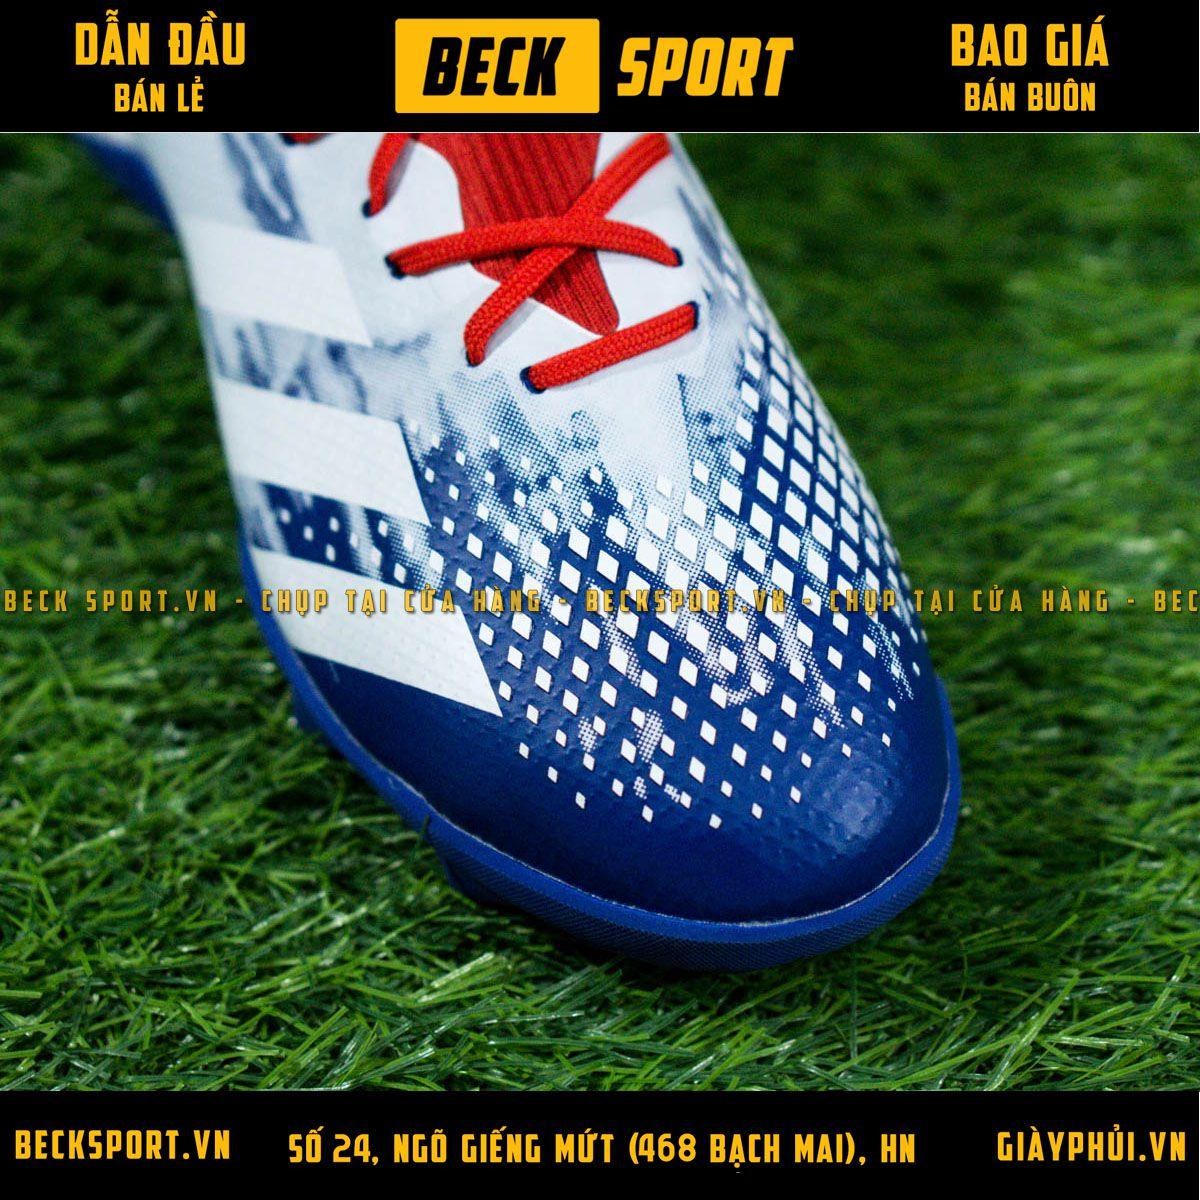 Giày Bóng Đá Adidas Predator 20.3 Trắng Xanh Biển Đỏ Vạch Trắng Cao Cổ TF